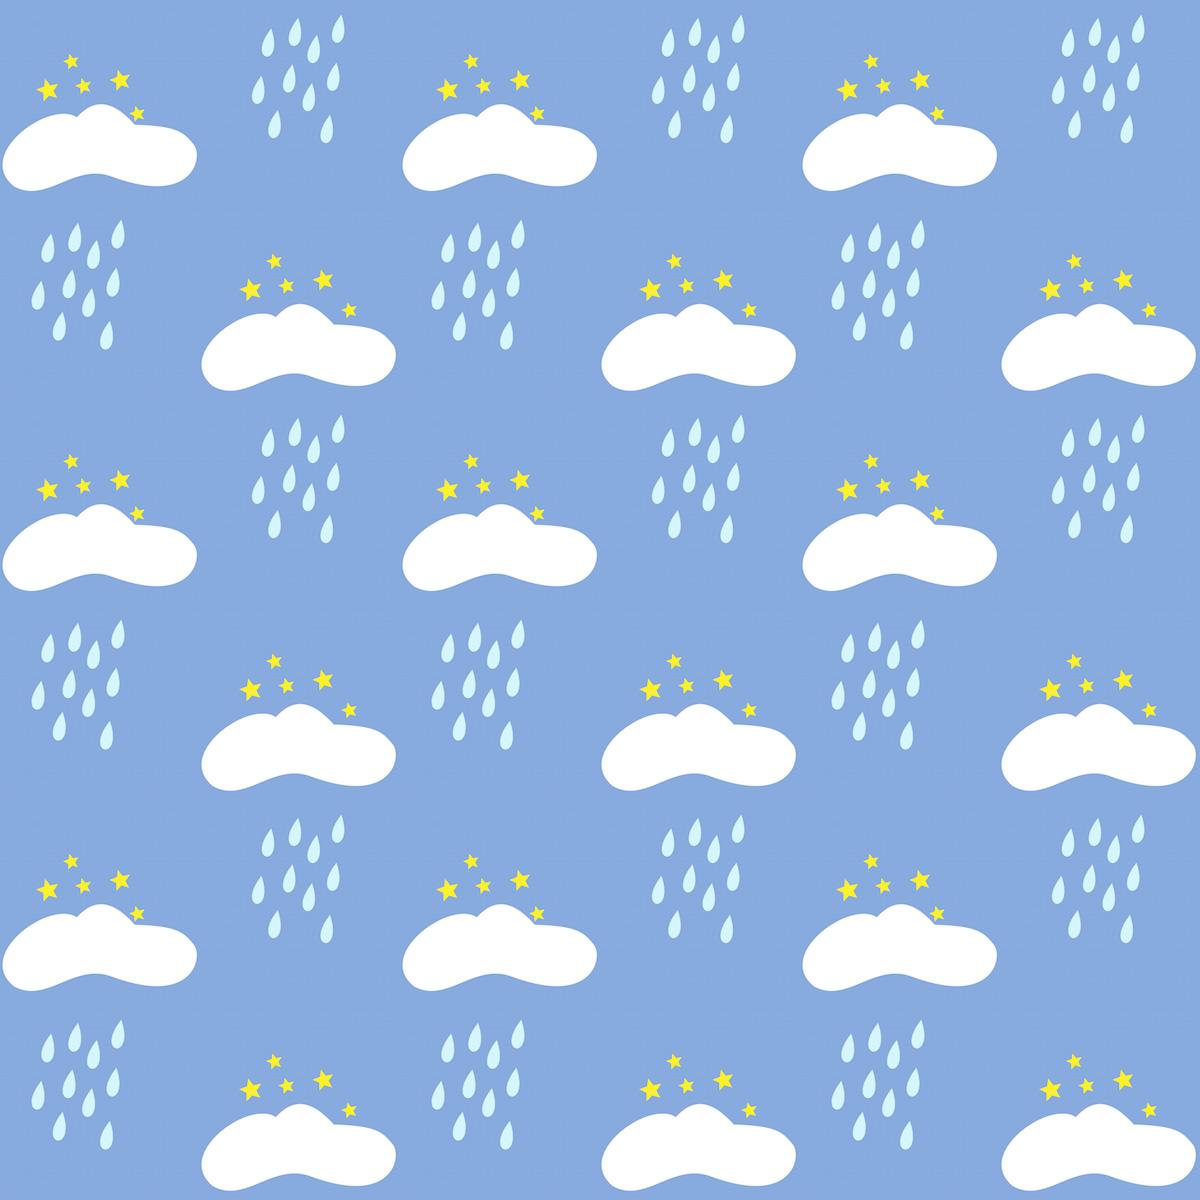 Scrapbook paper clouds - Free Digital Rainy Clouds Scrapbooking Paper Freebie